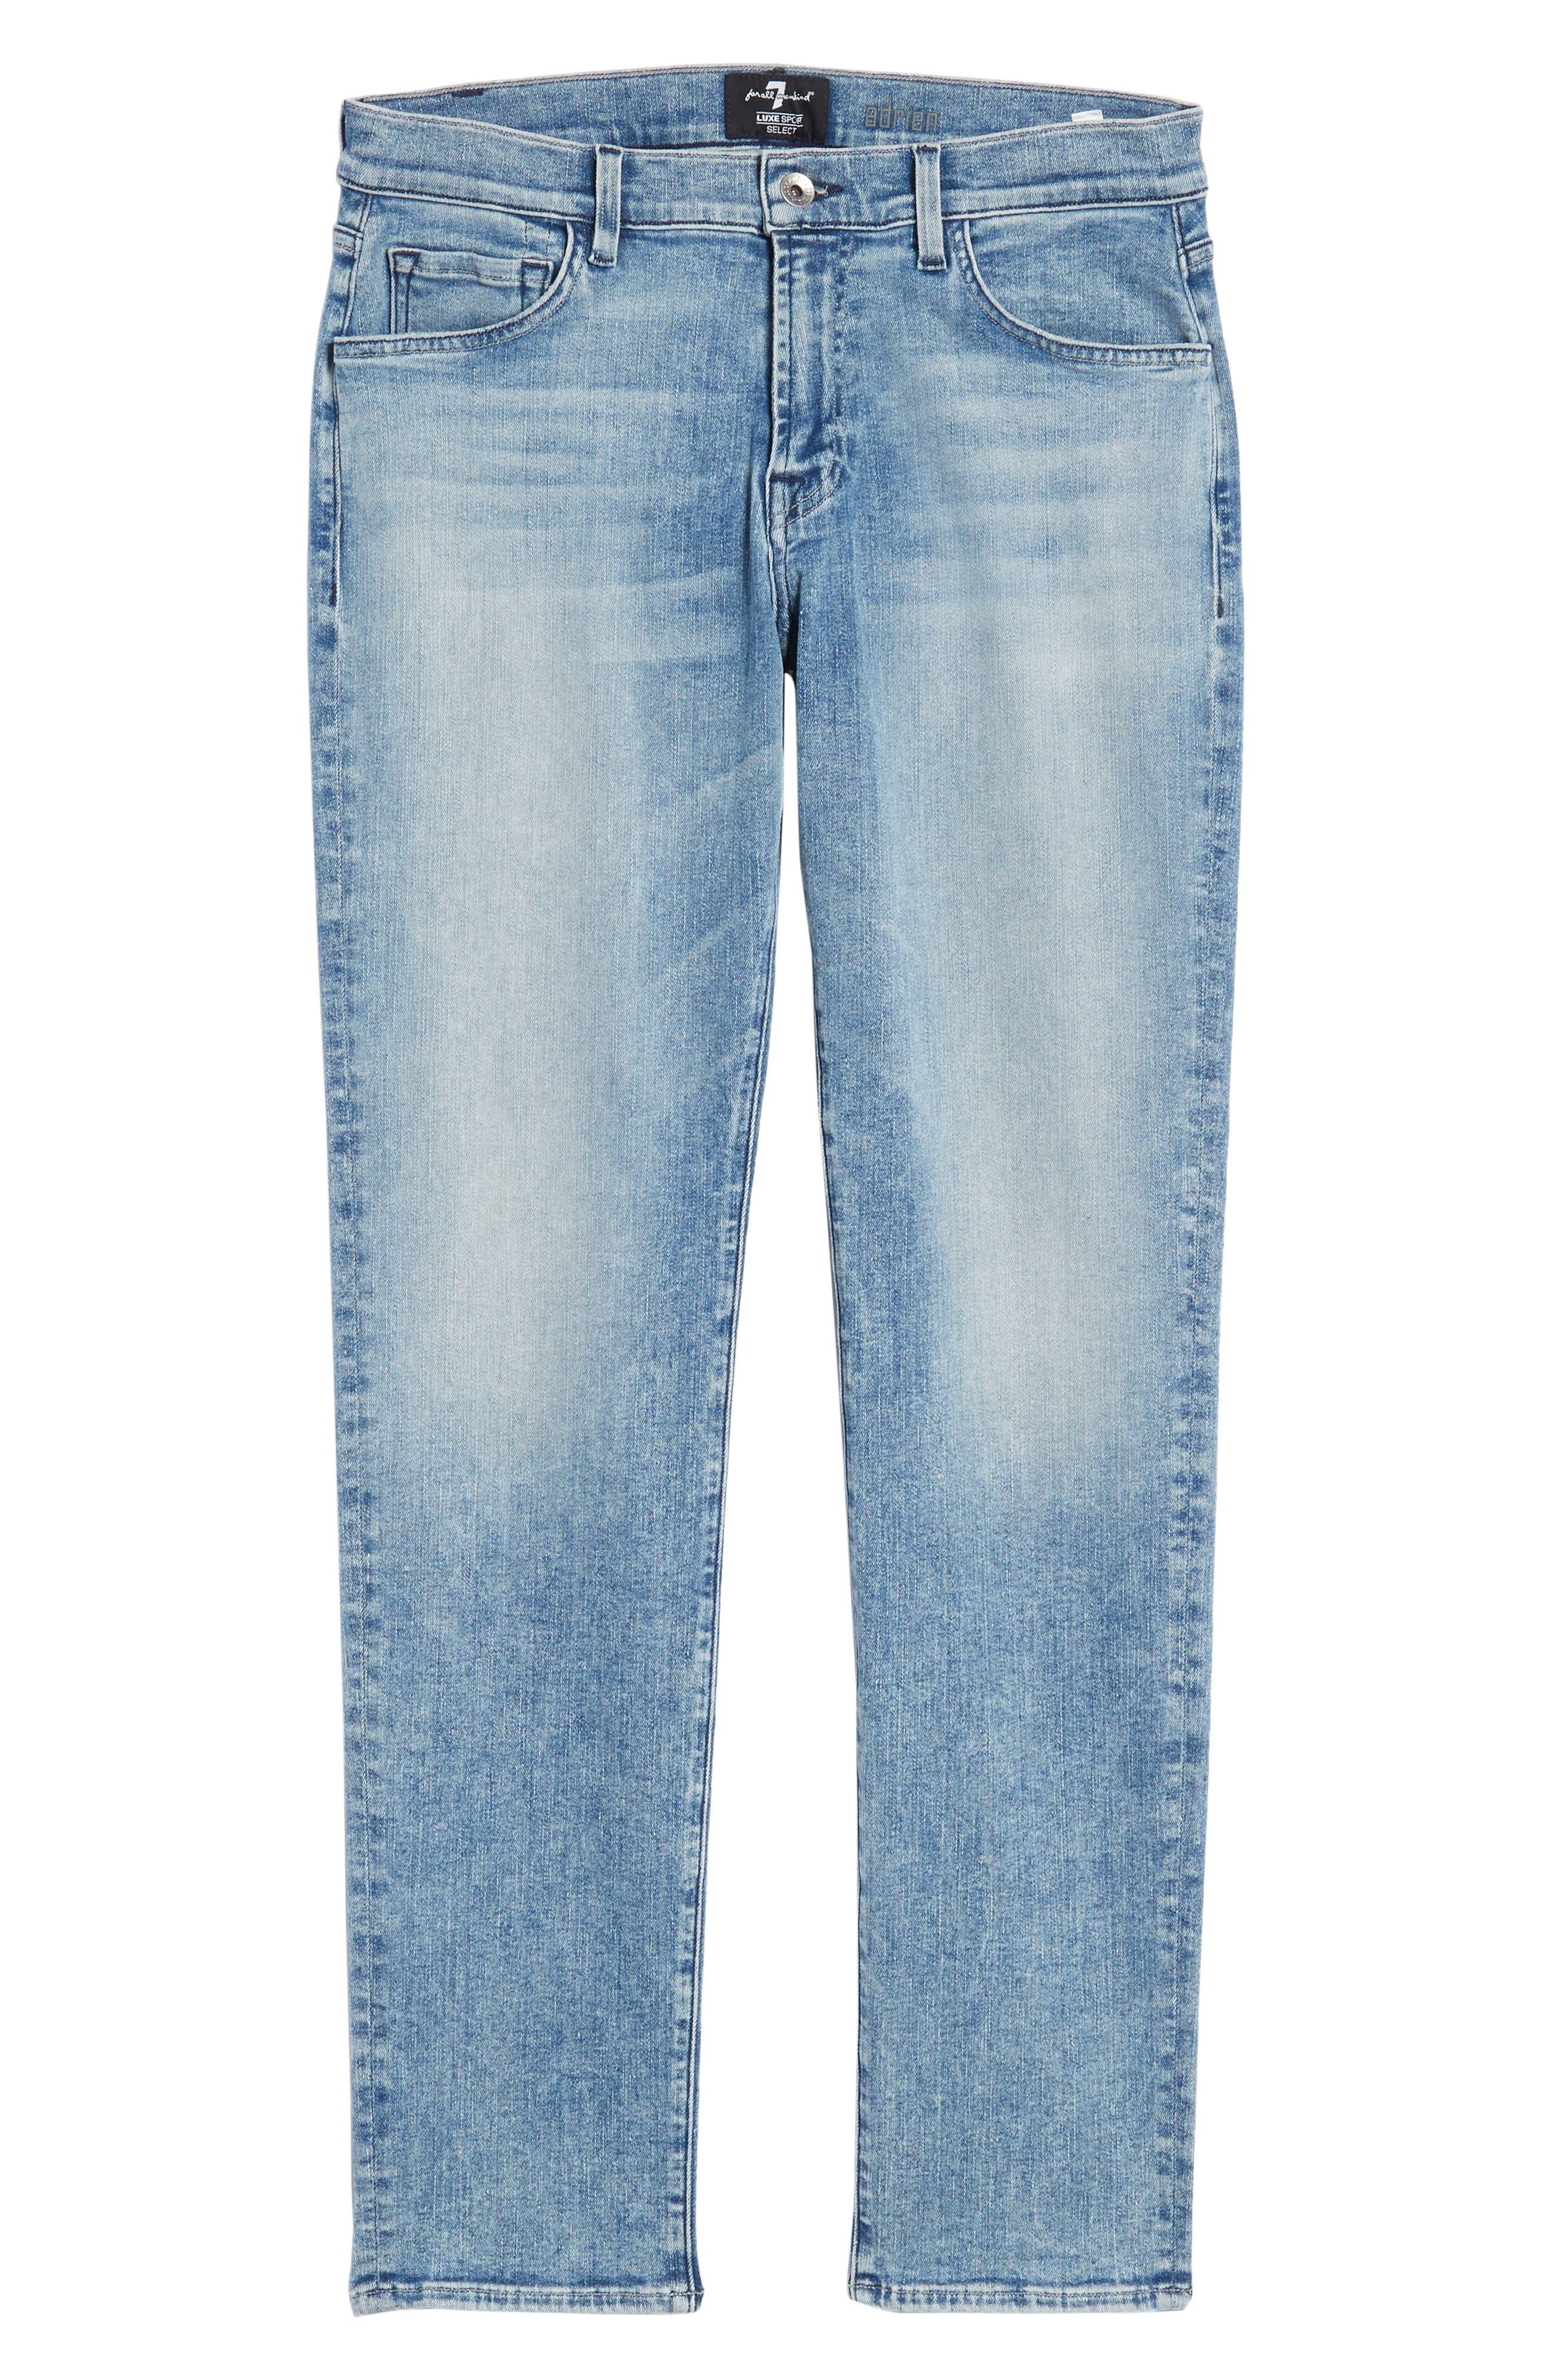 Adrien Slim Fit Jeans,                             Alternate thumbnail 6, color,                             Death Valley